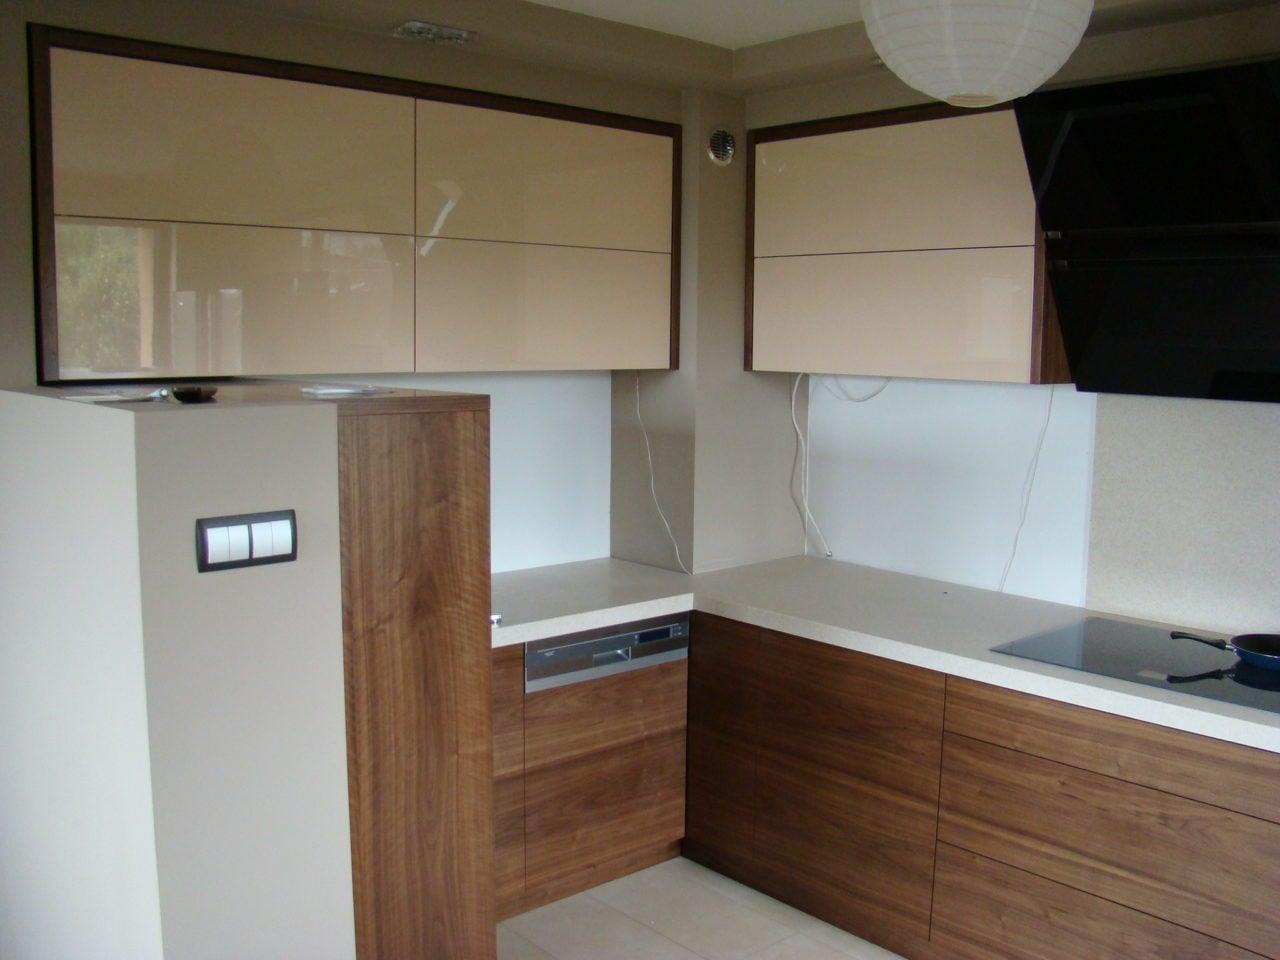 kuchnie nowoczesne  stolarstwo na wymiar  Kuchnie, meble   -> Kuchnie Drewniane Tychy